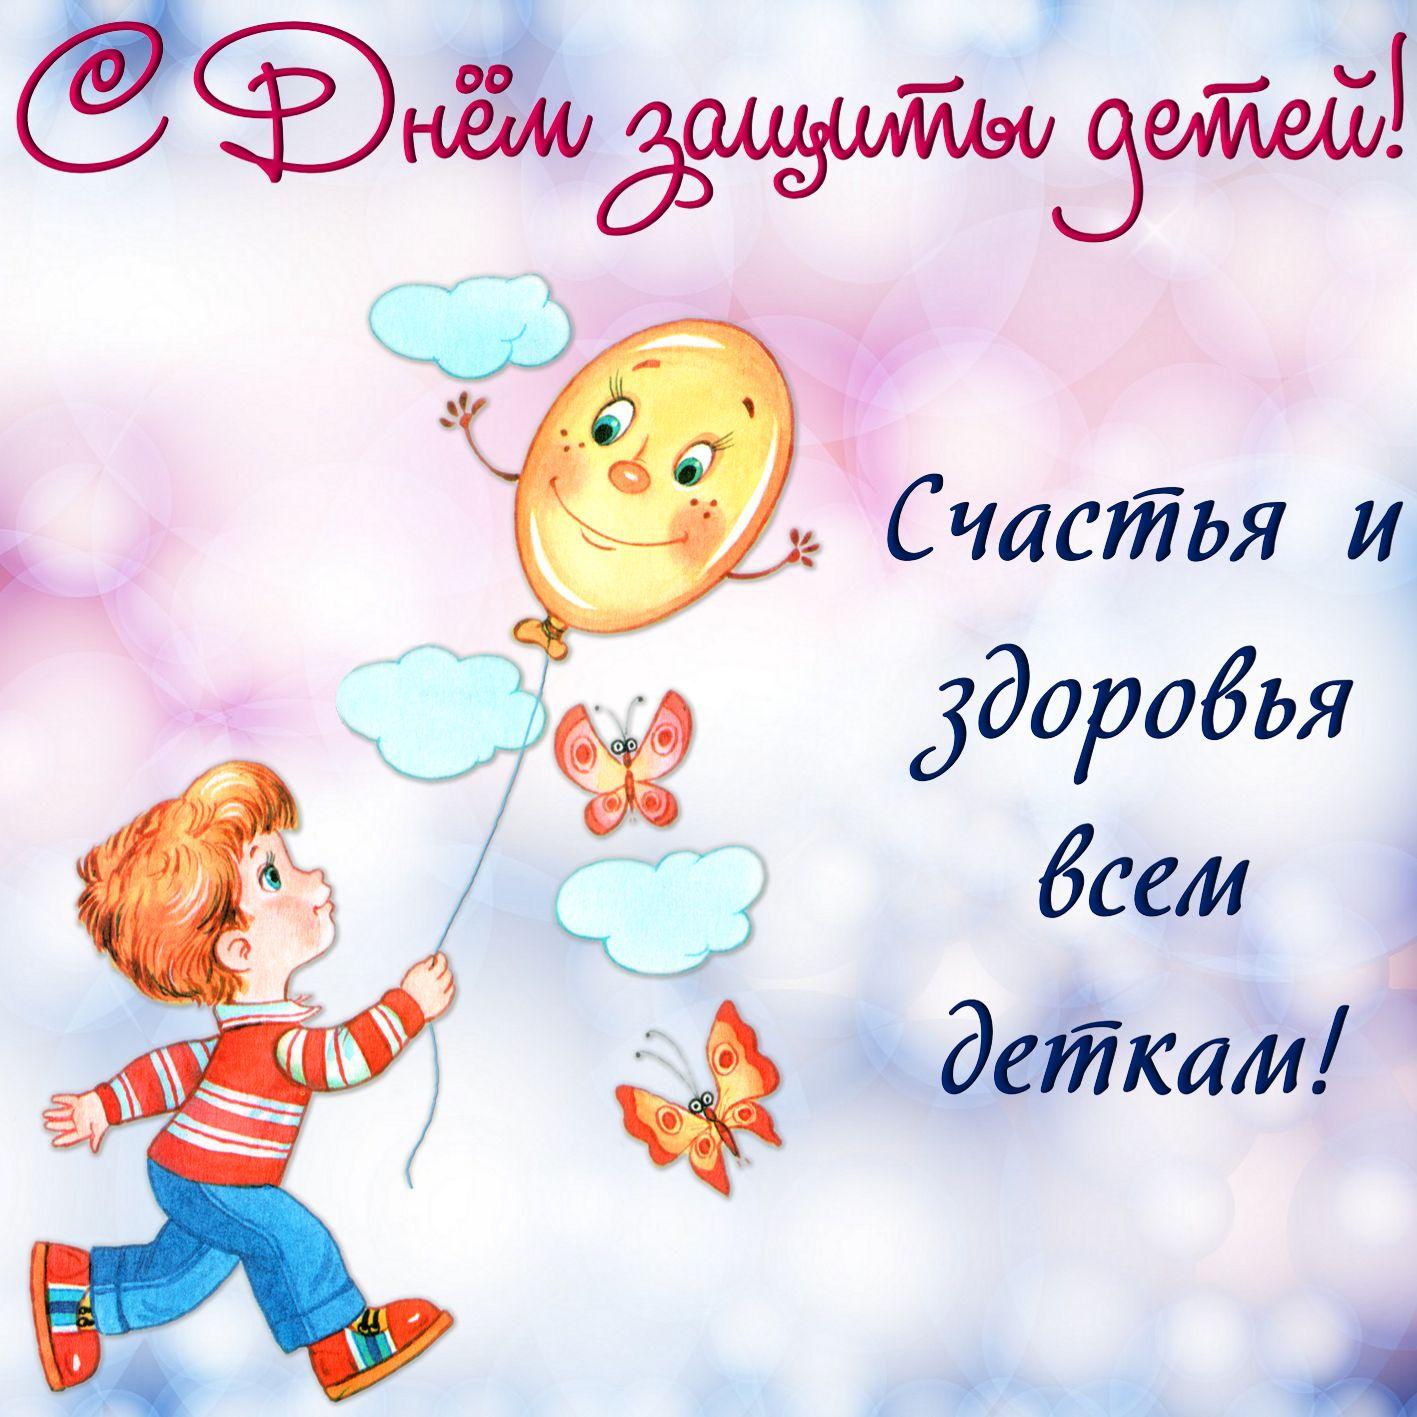 Красивые открытки с днем ребенка